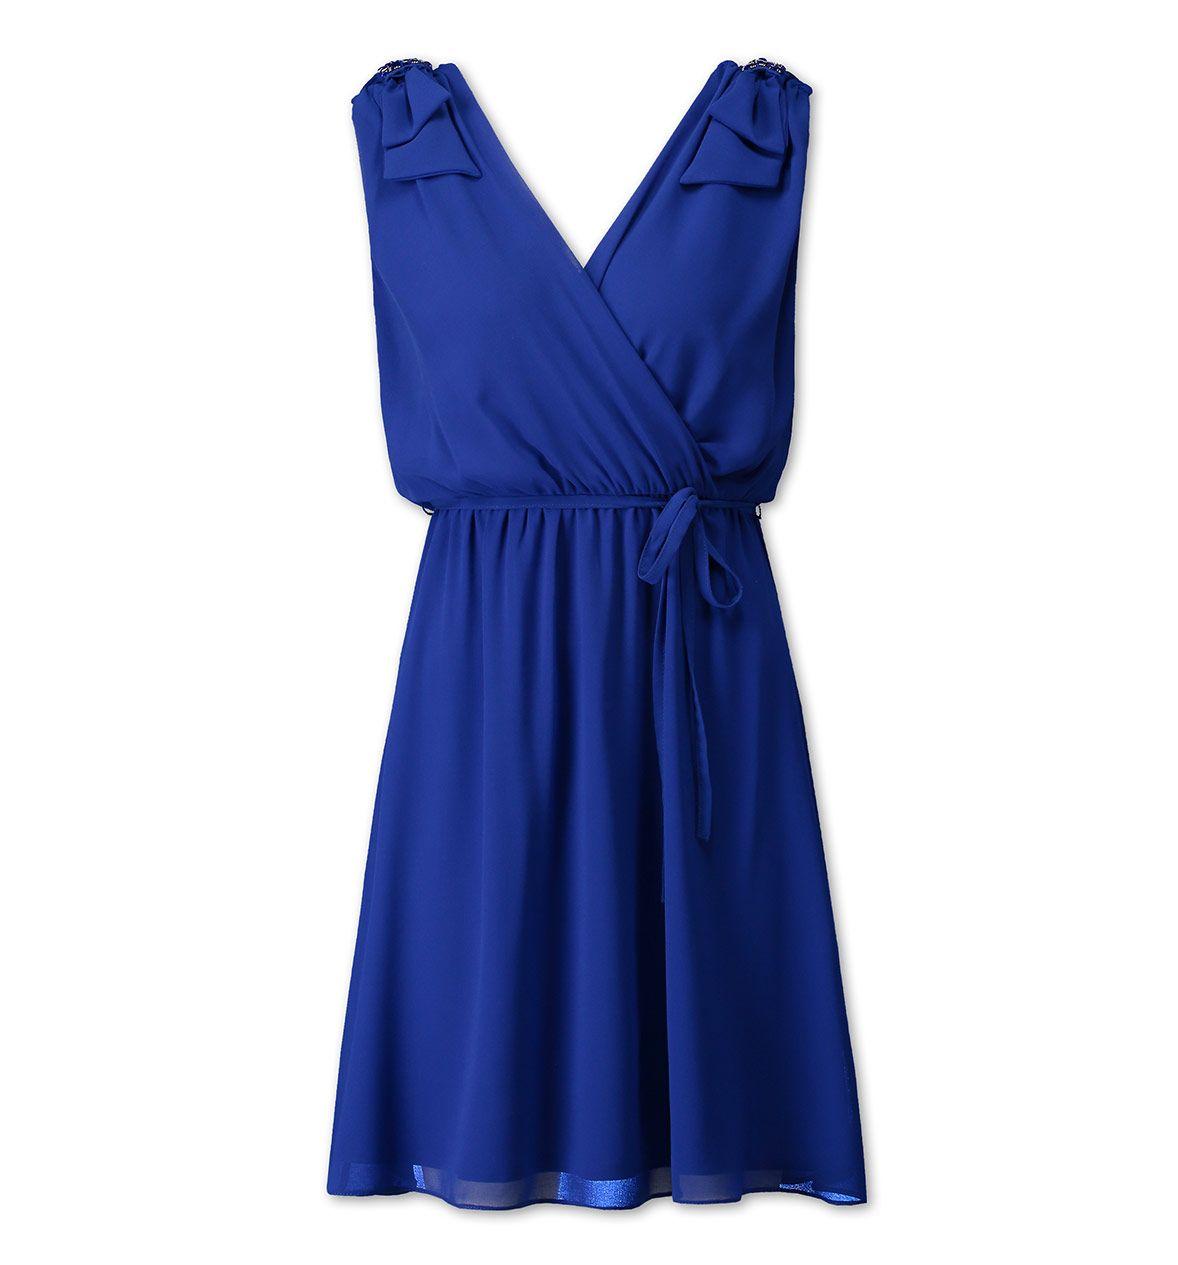 damen abendkleid in blau - mode günstig online kaufen - c&a